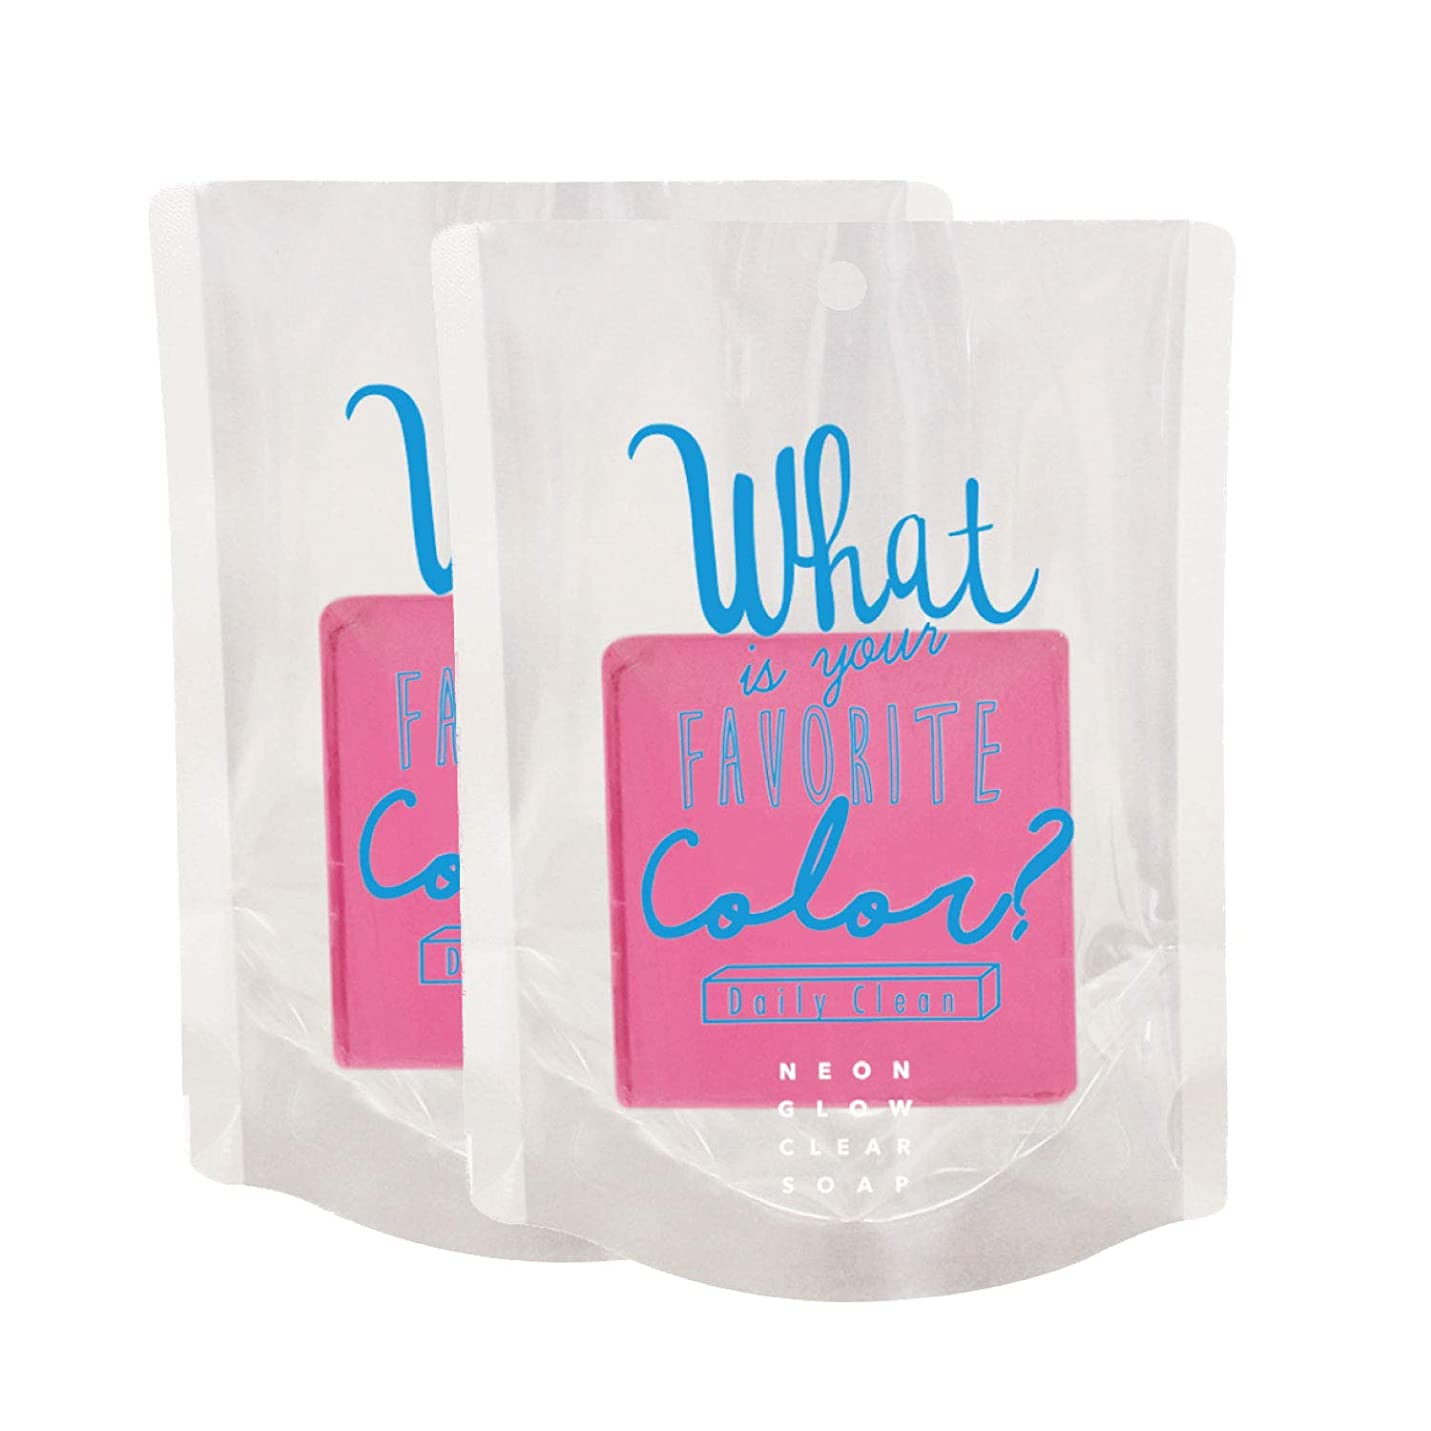 ポータル気をつけて流行ノルコーポレーション 石けん ネオングロー クリアソープ 2個セット カシスの香り OB-NGW-2-1